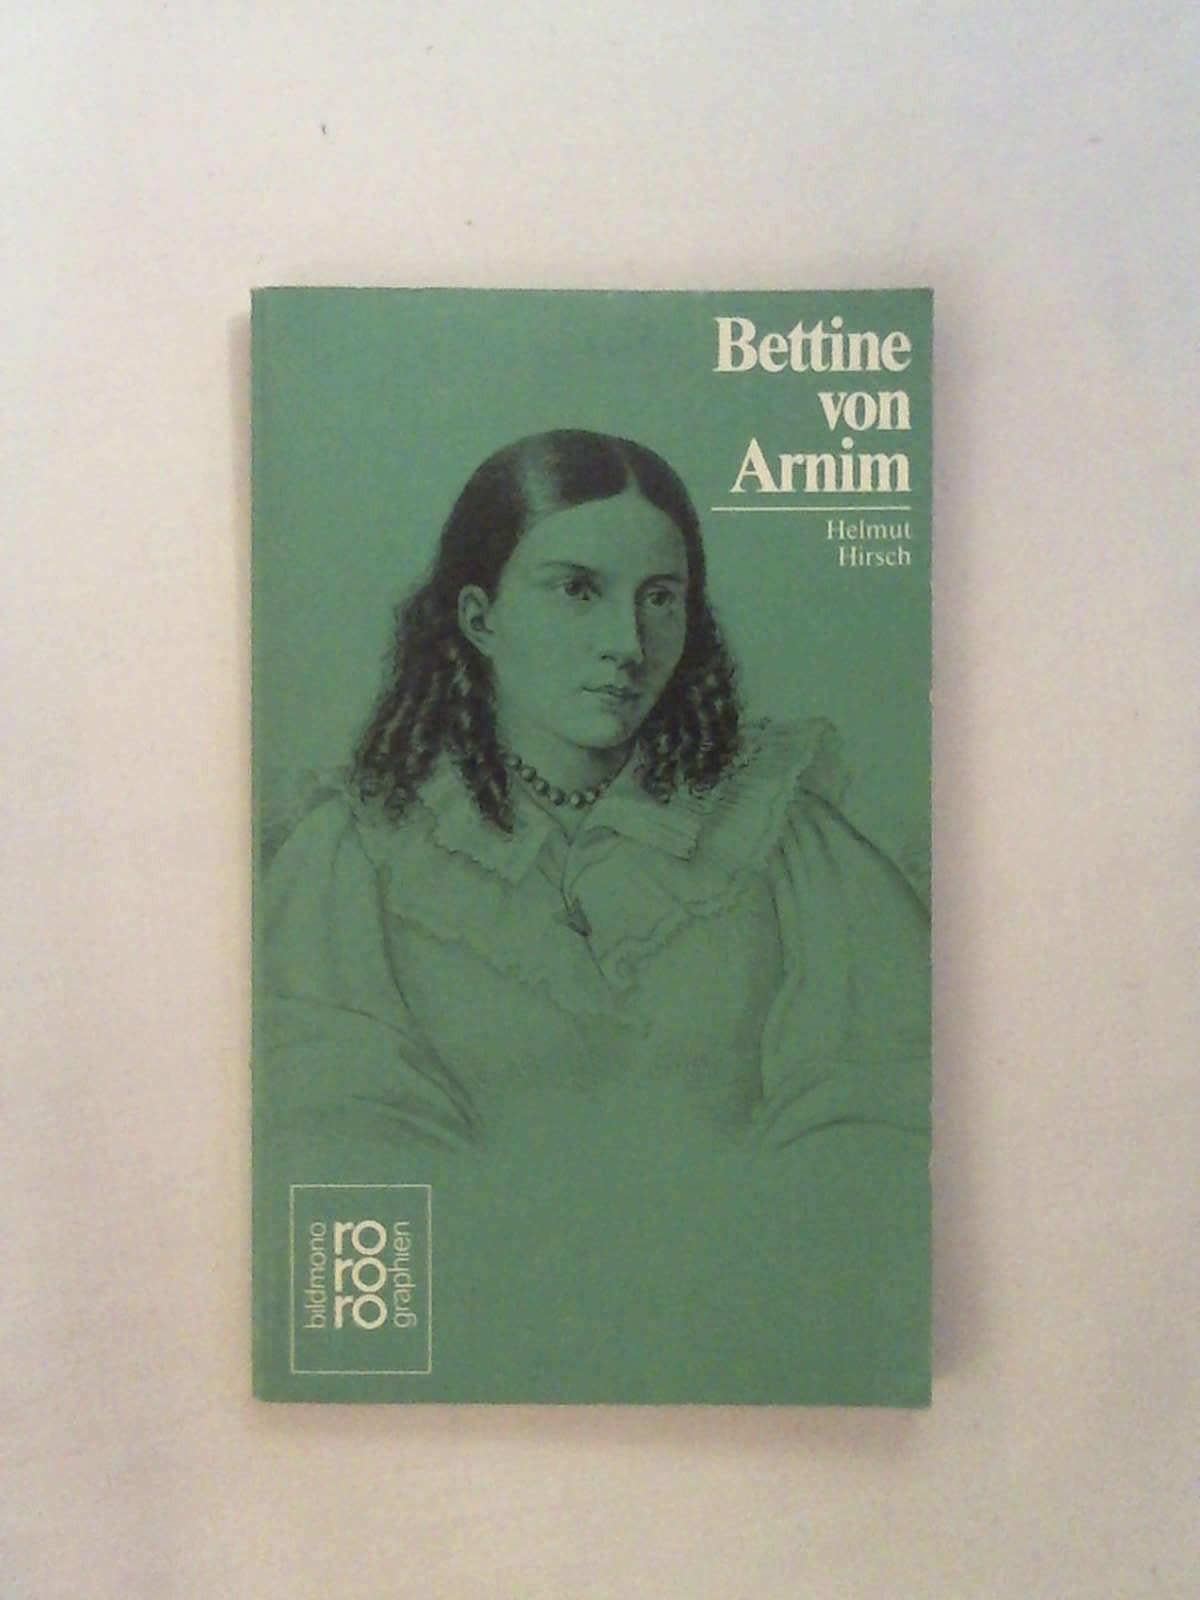 Bettine von Arnim - Helmut Hirsch